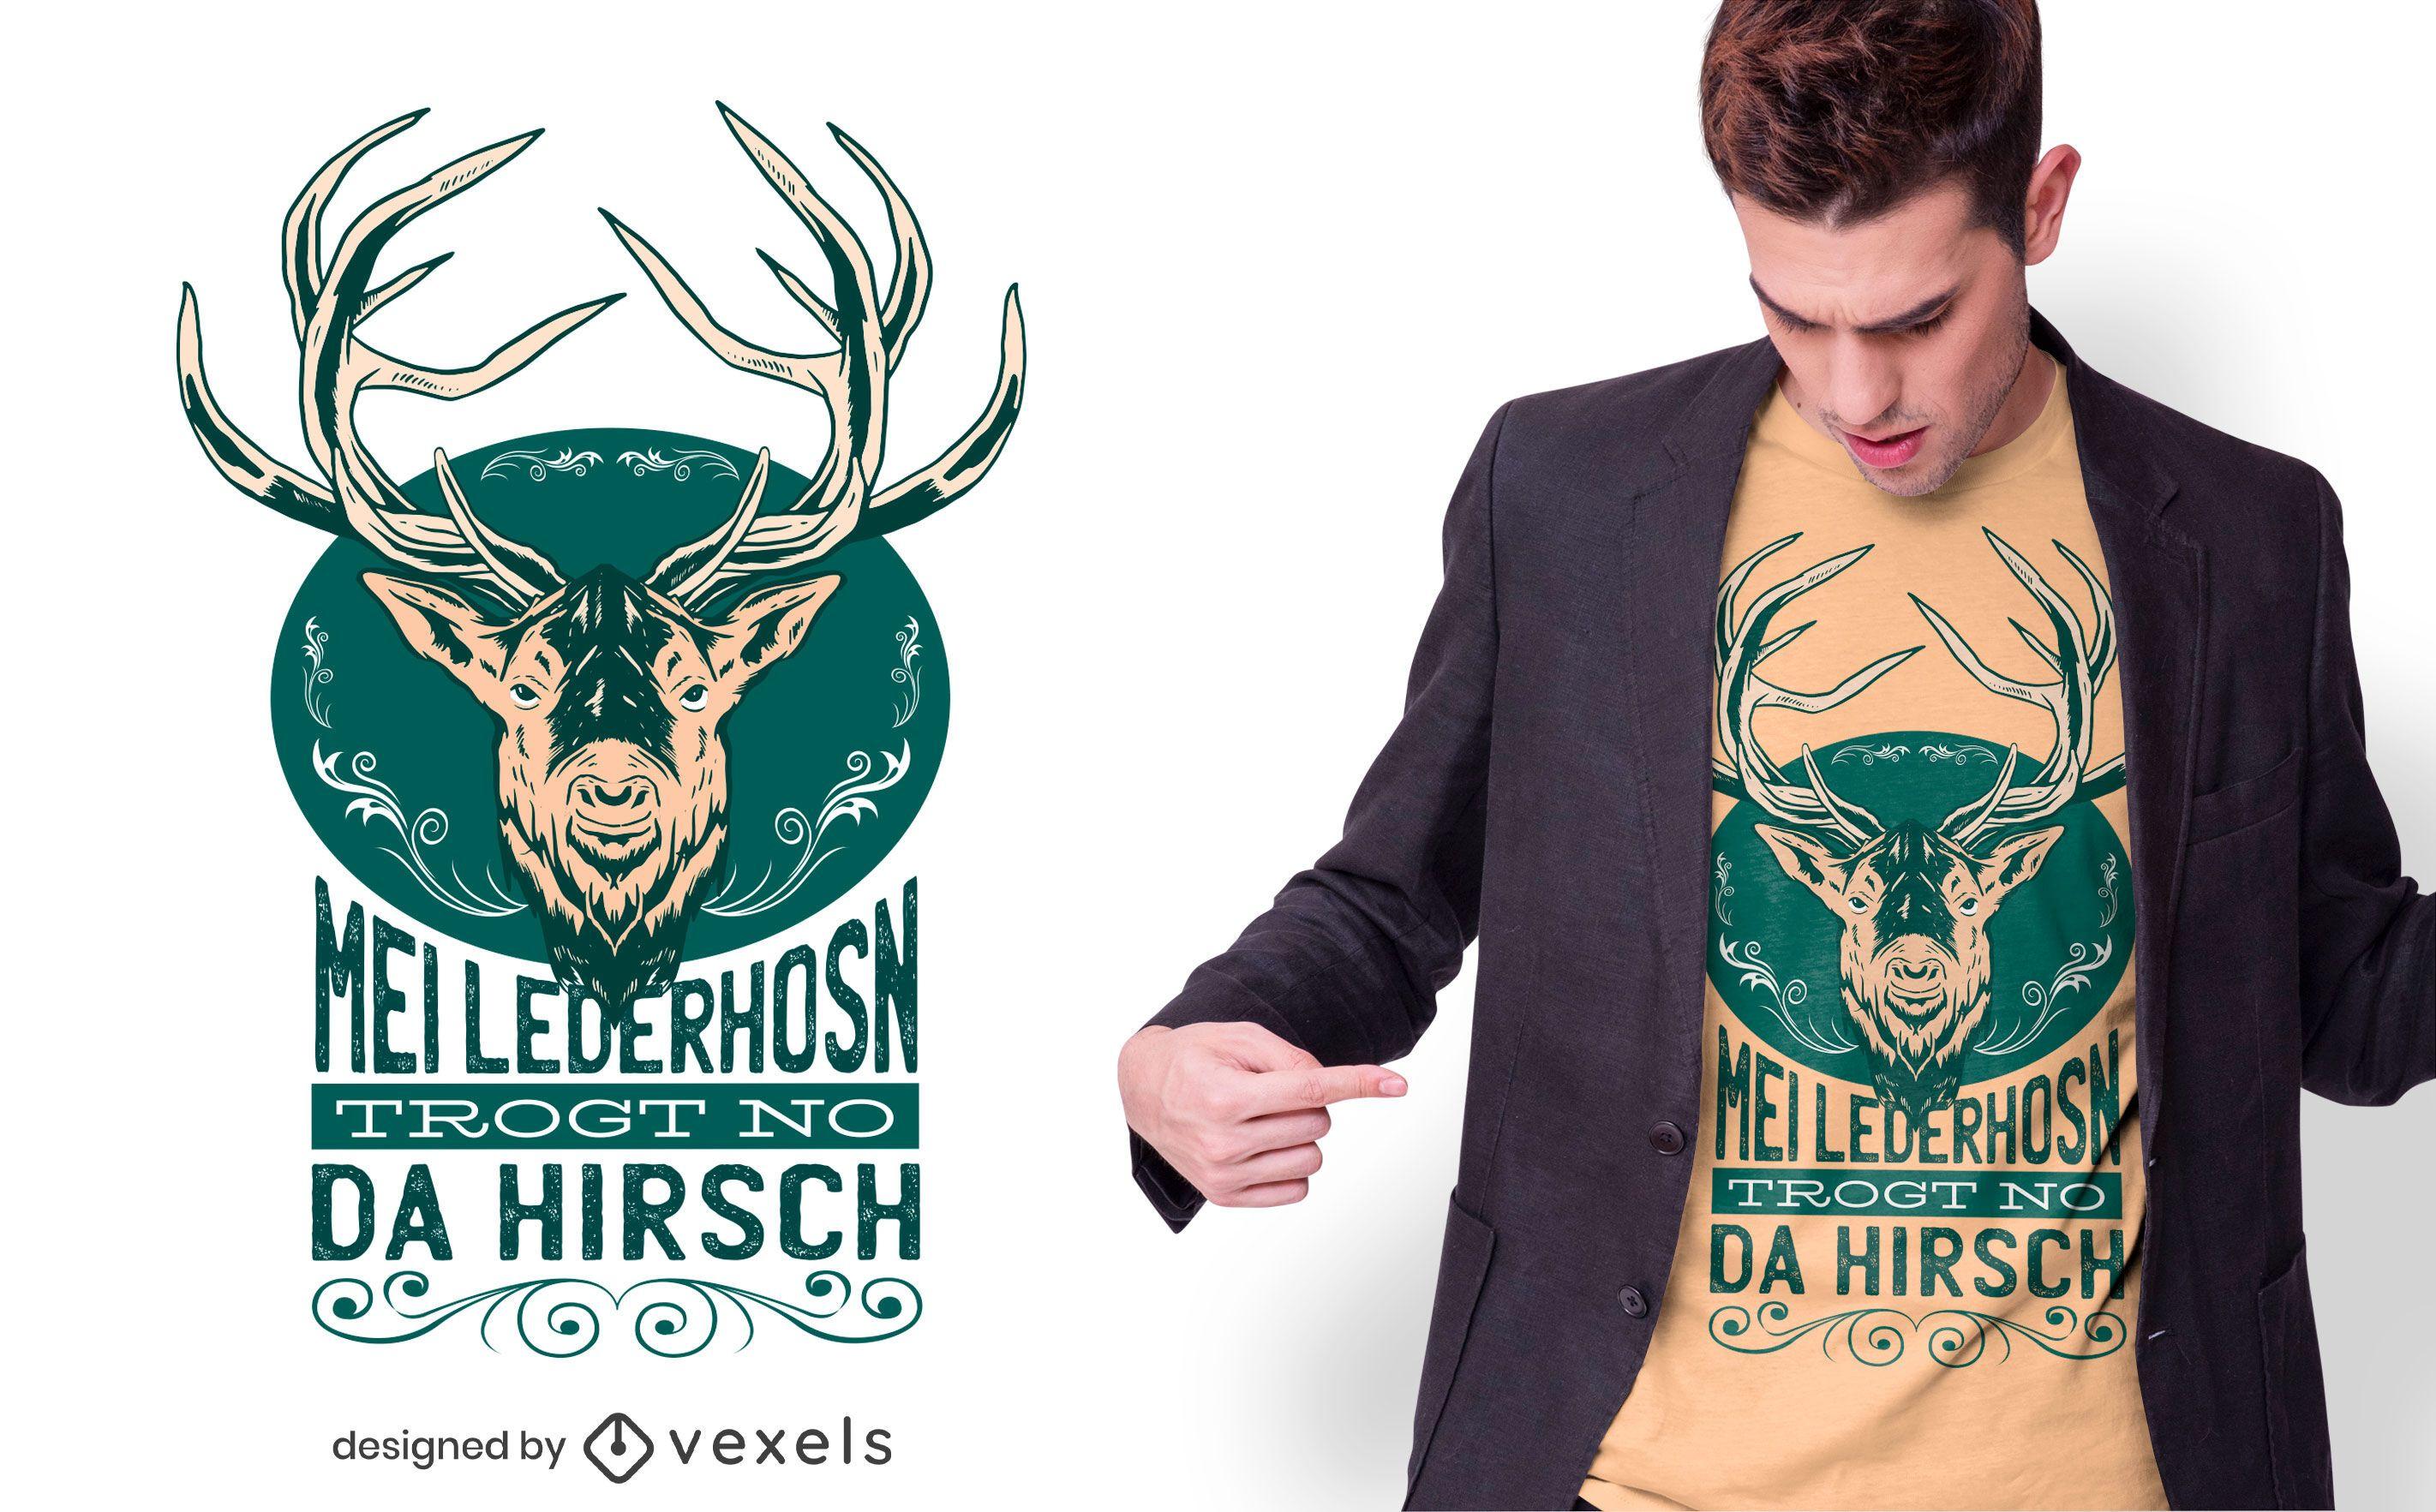 Diseño de camiseta con cita de ciervo